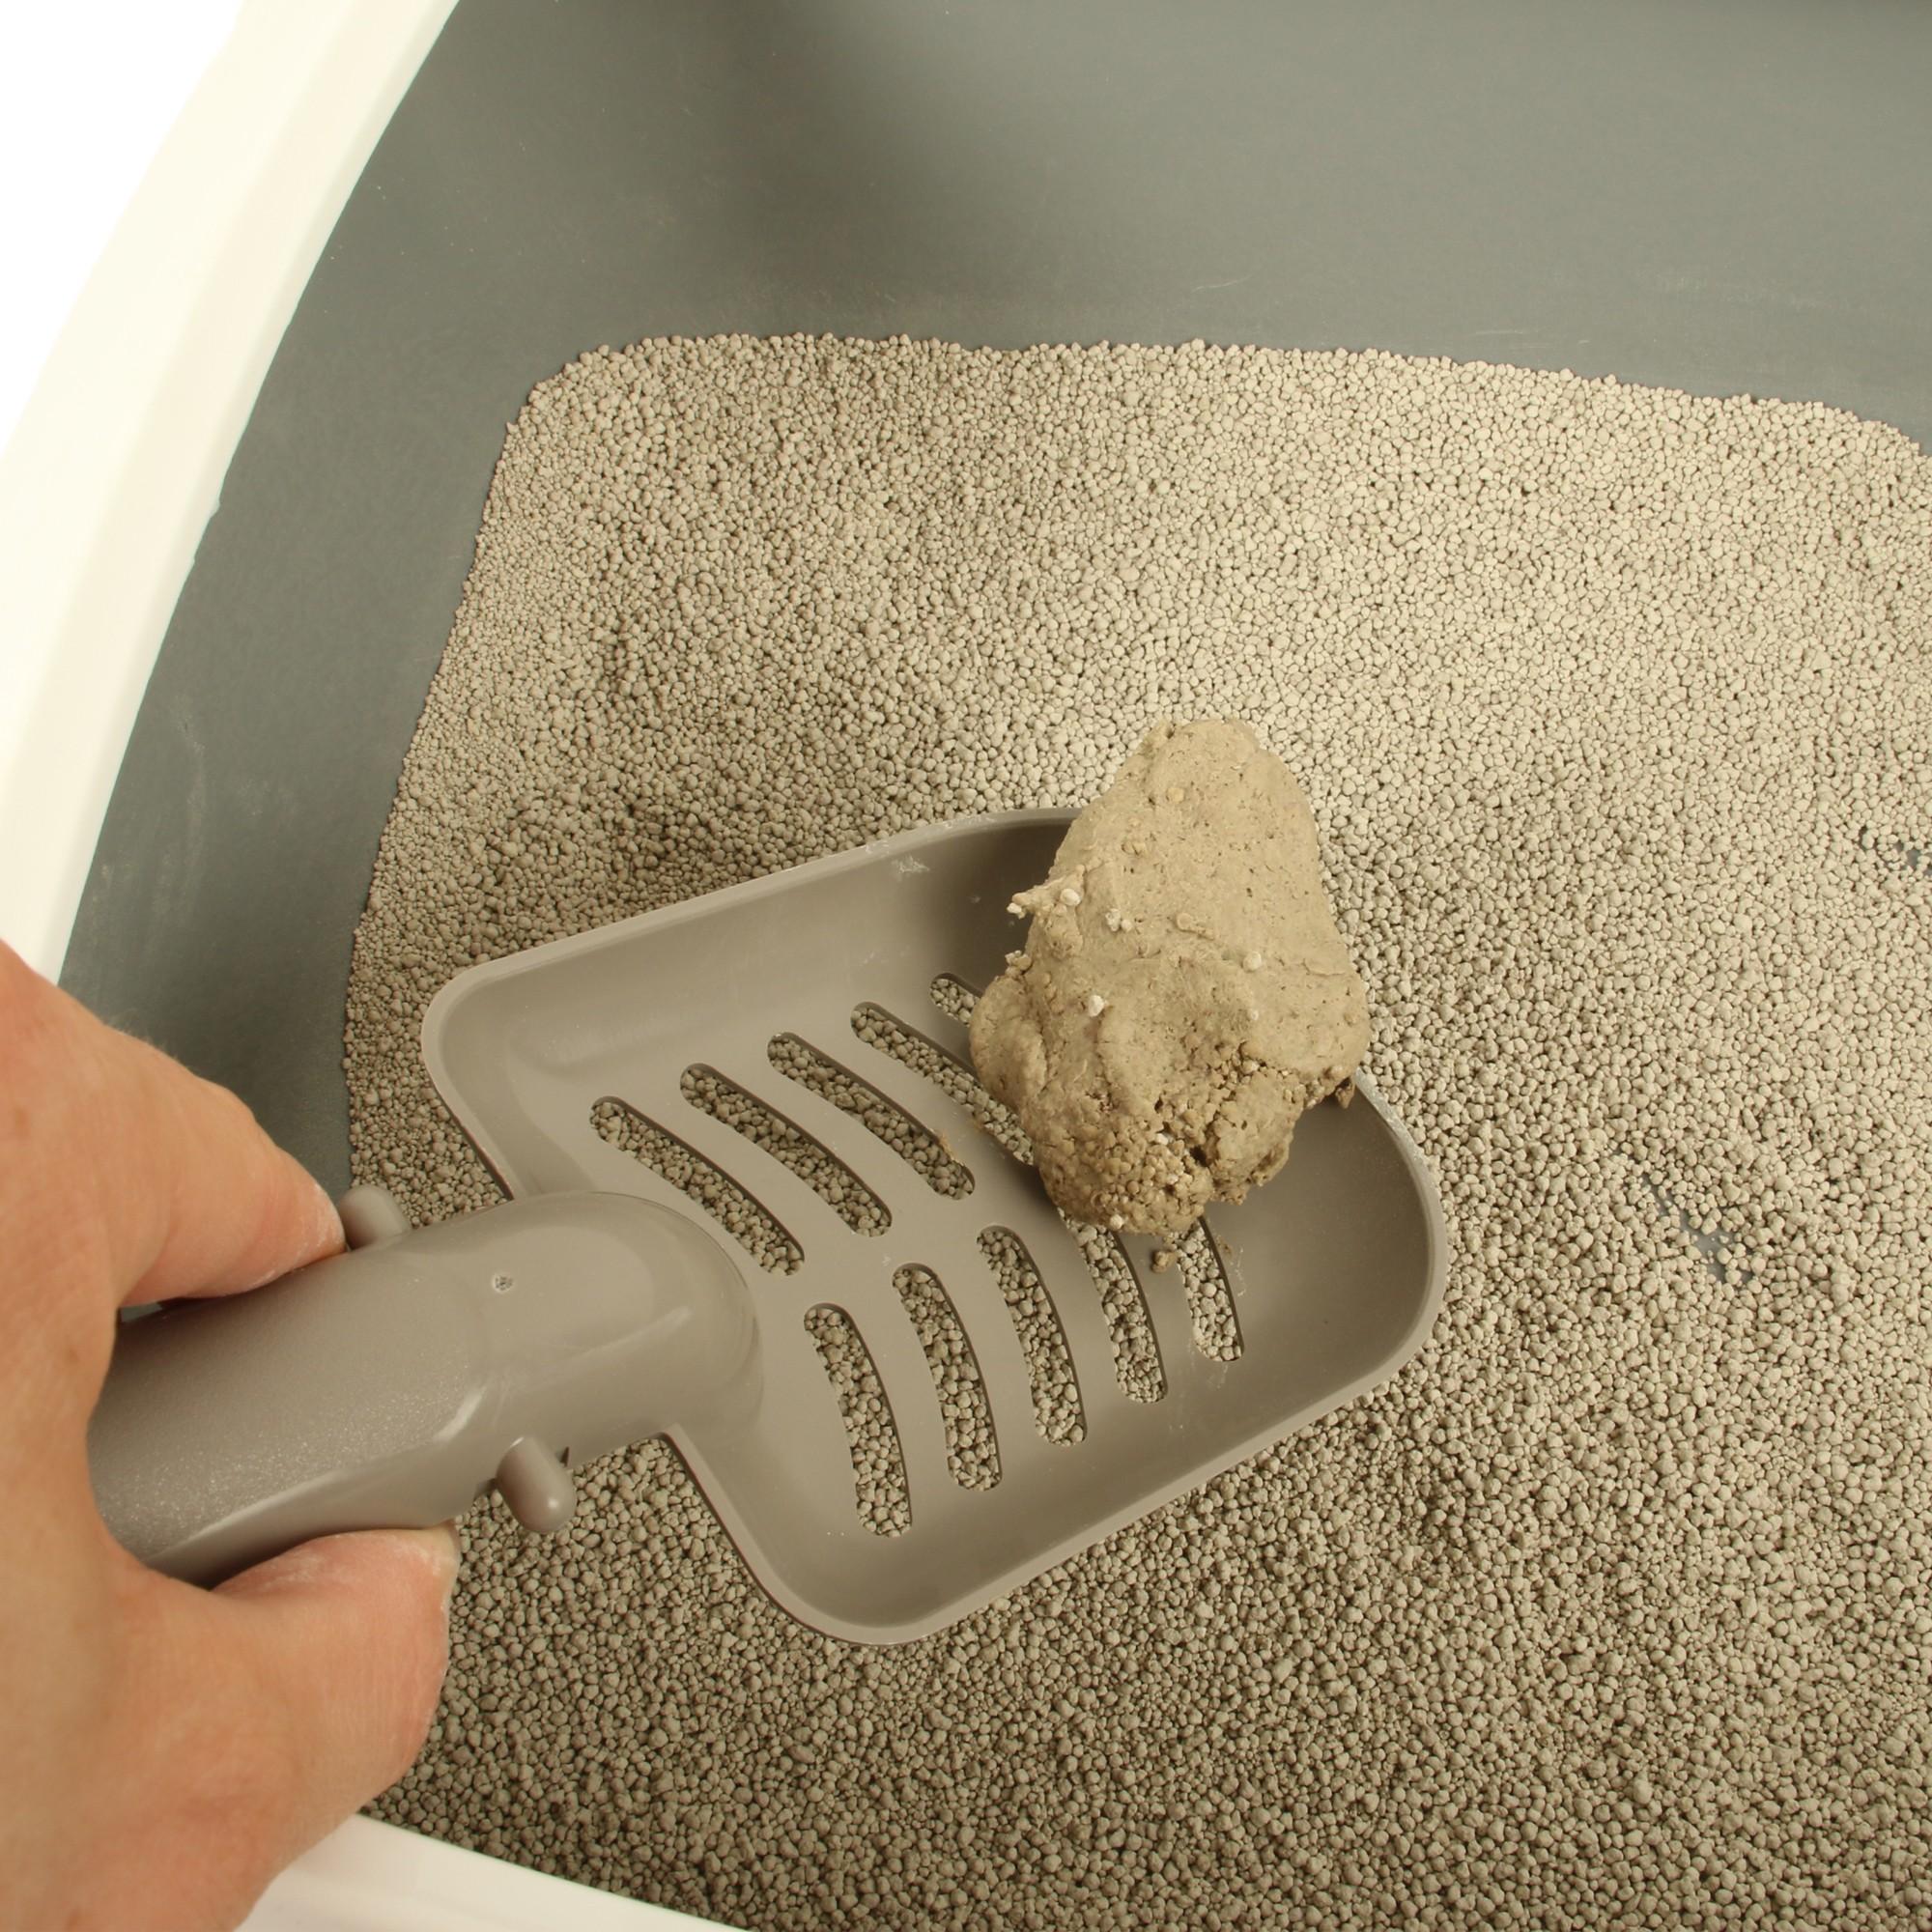 Facile à nettoyer, révolutionnez votre façon de faire la litière de votre chat